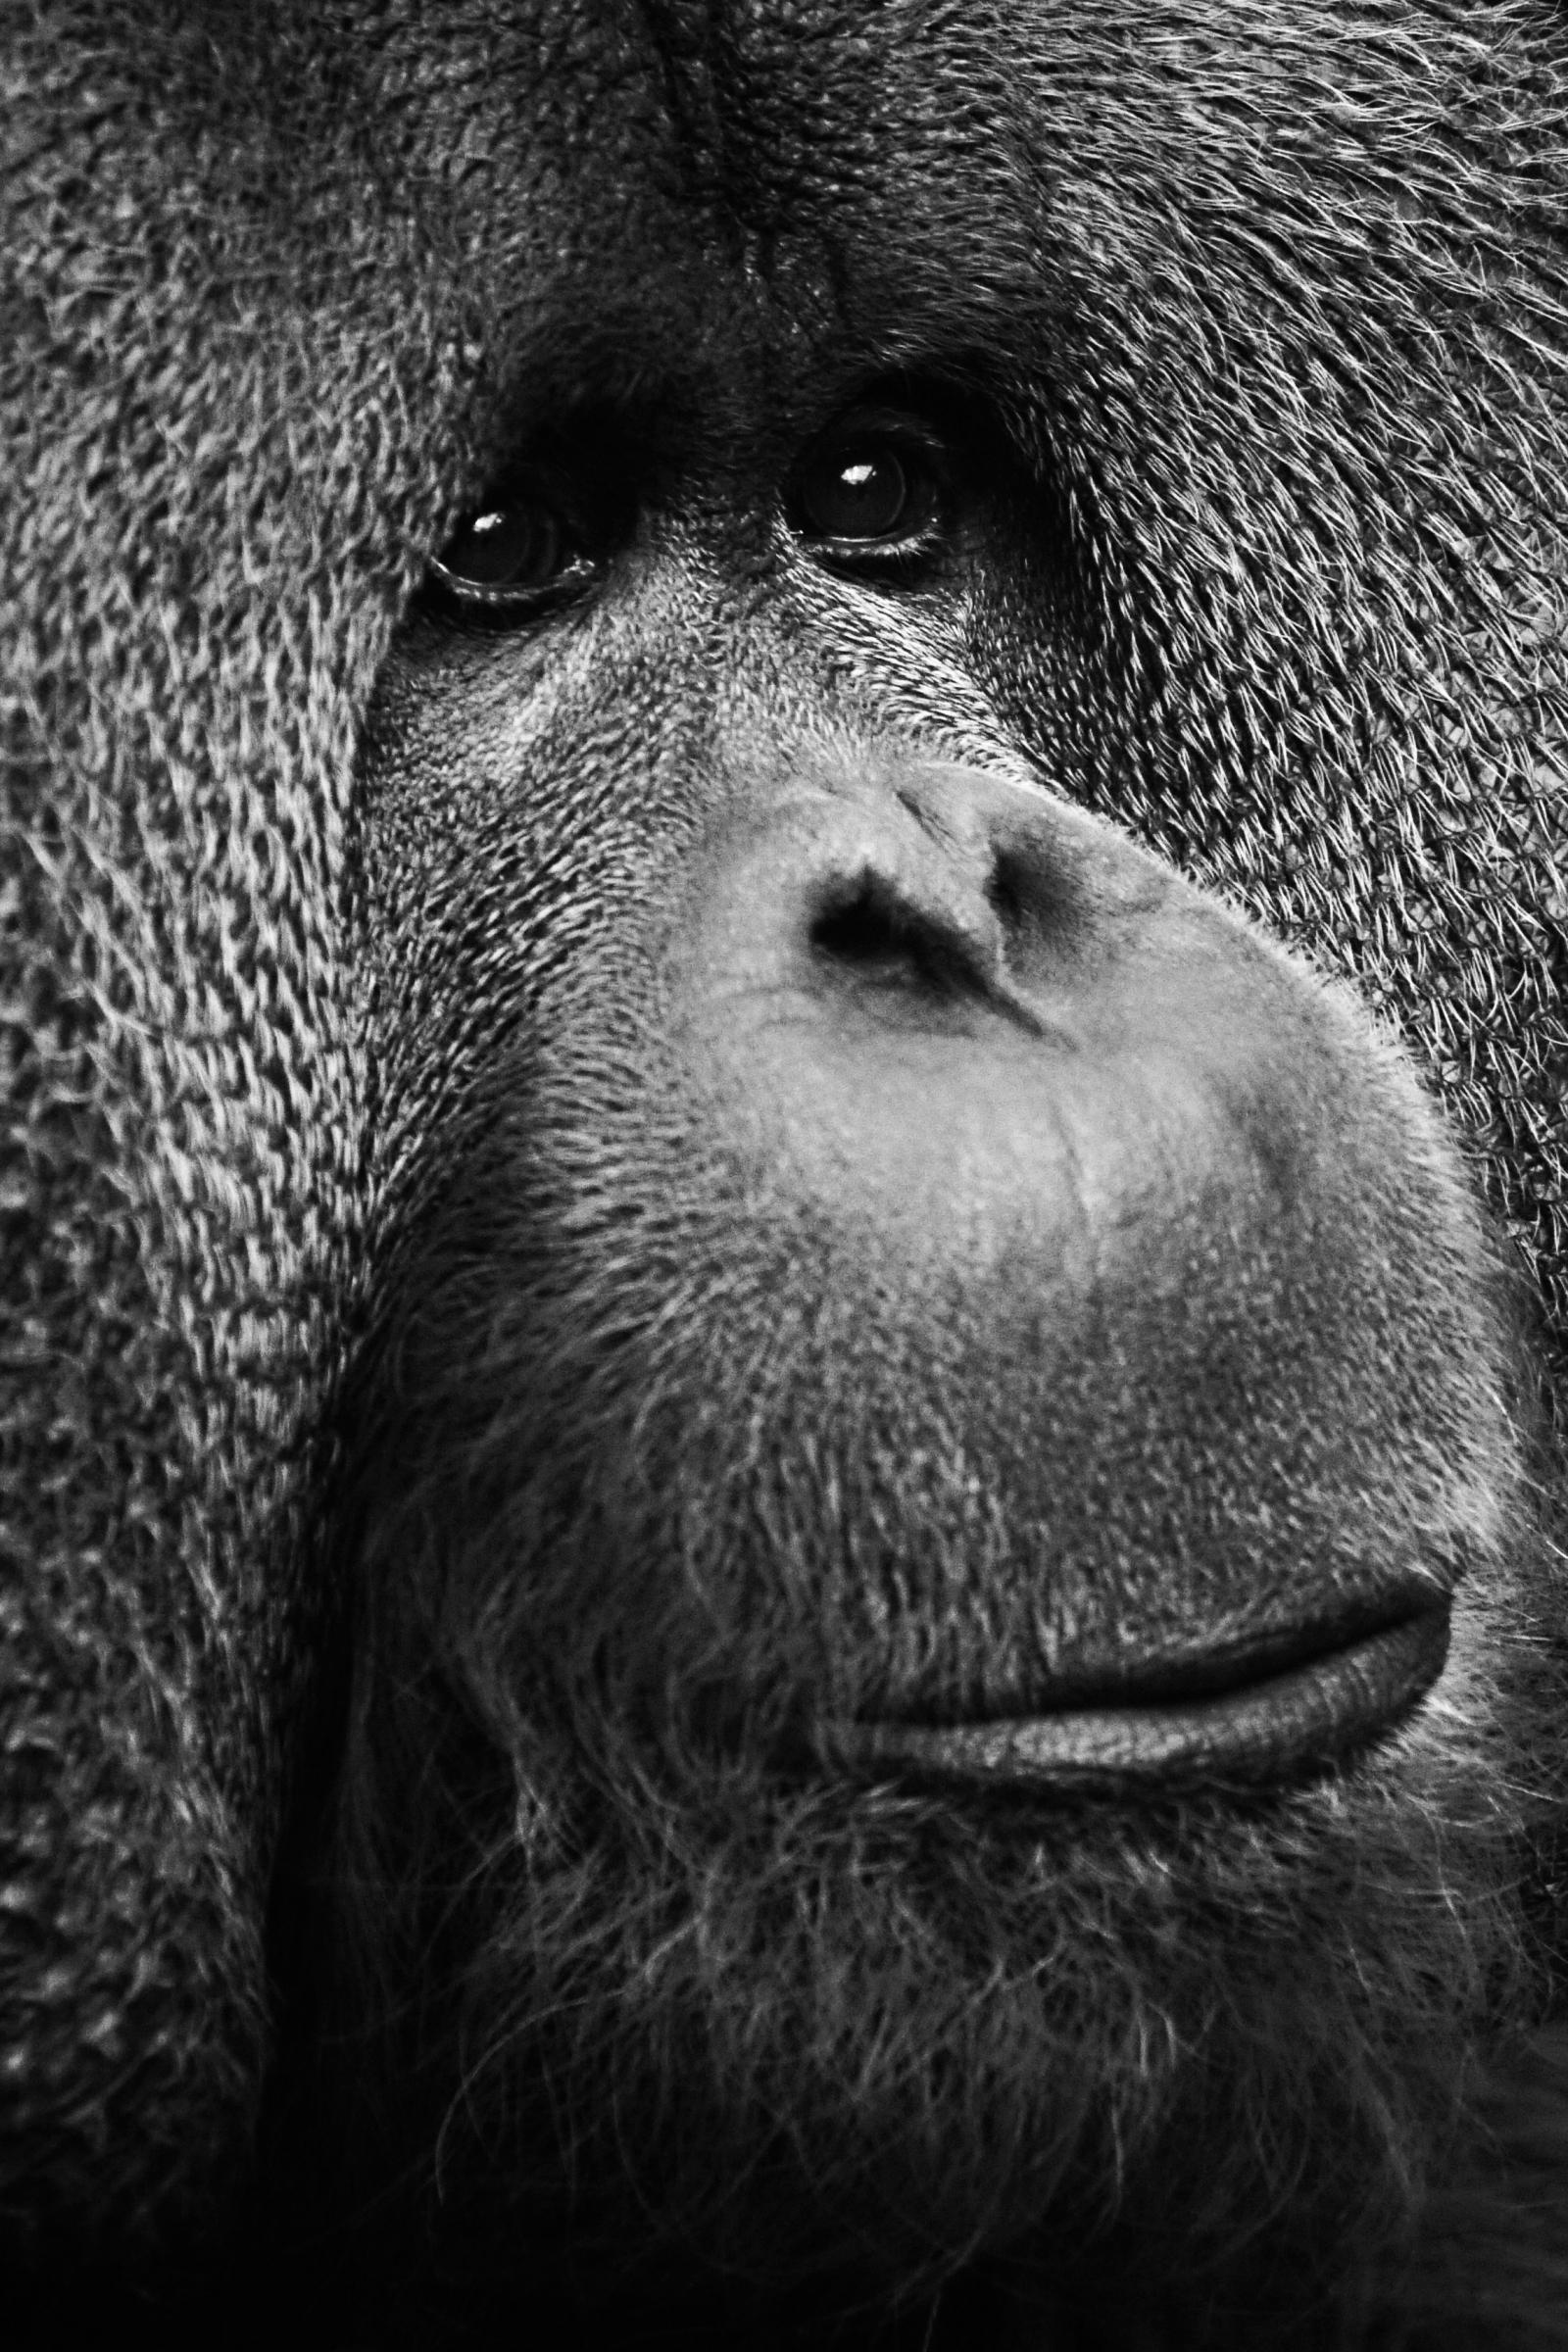 ZSL Animal Photography Prize 2014